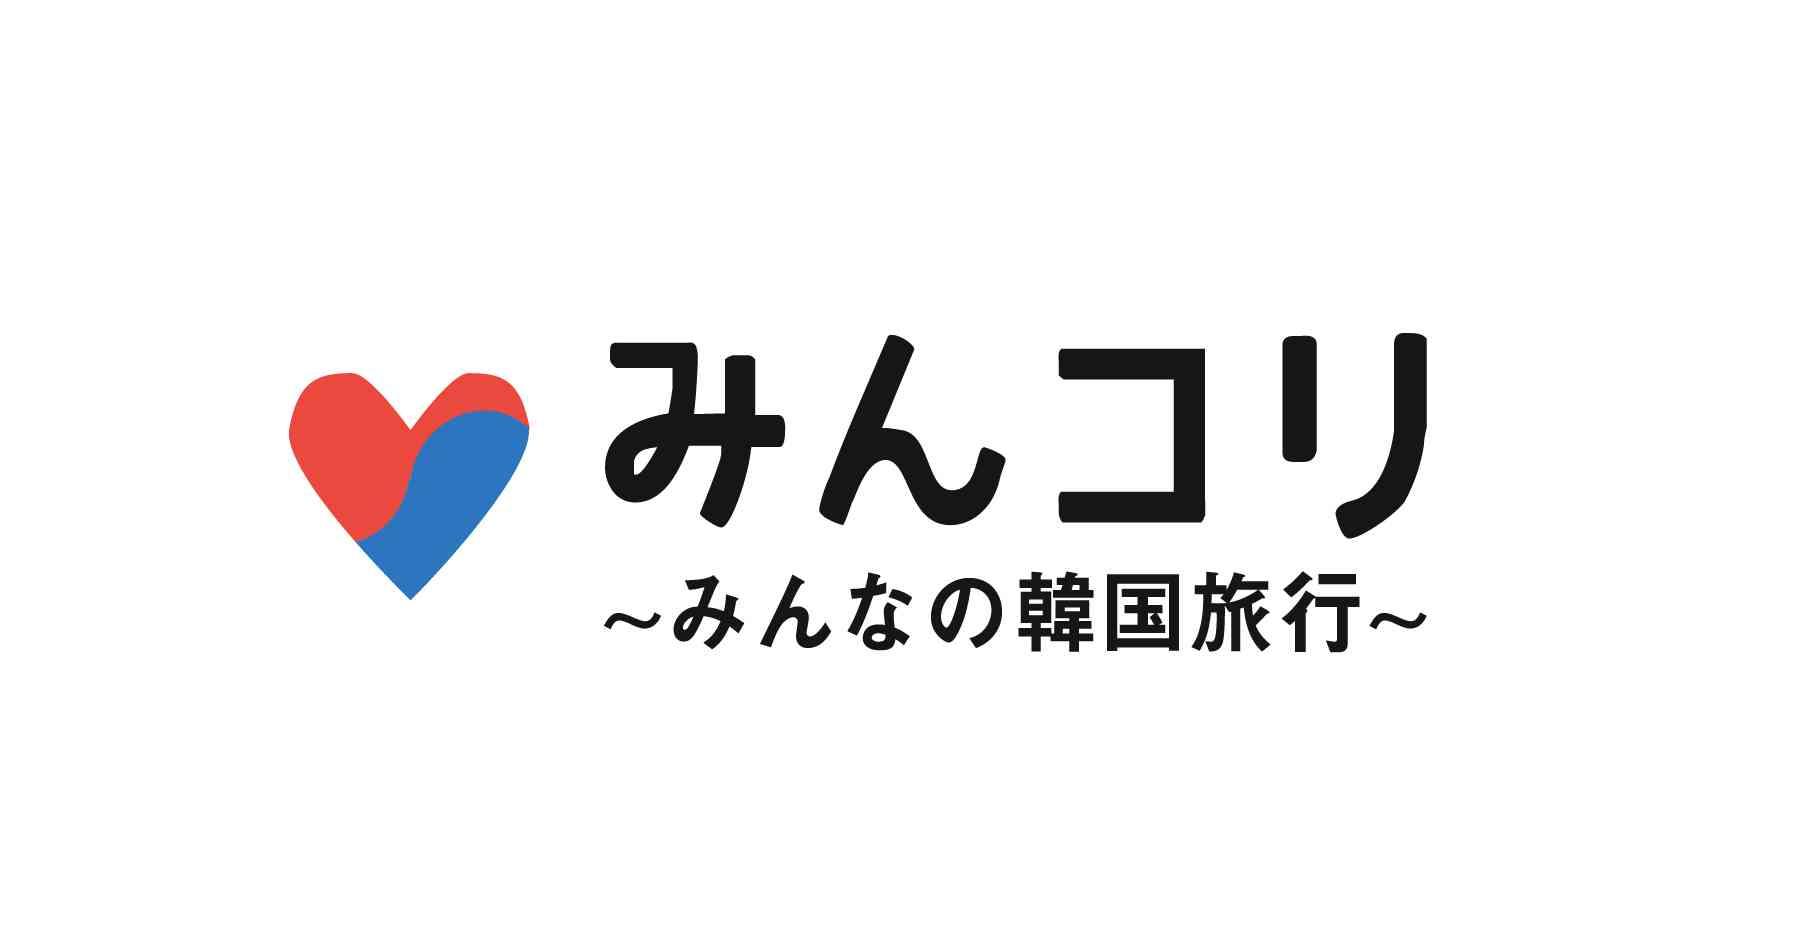 お問い合わせ [みんコリ]|韓国観光公社|韓国観光公社